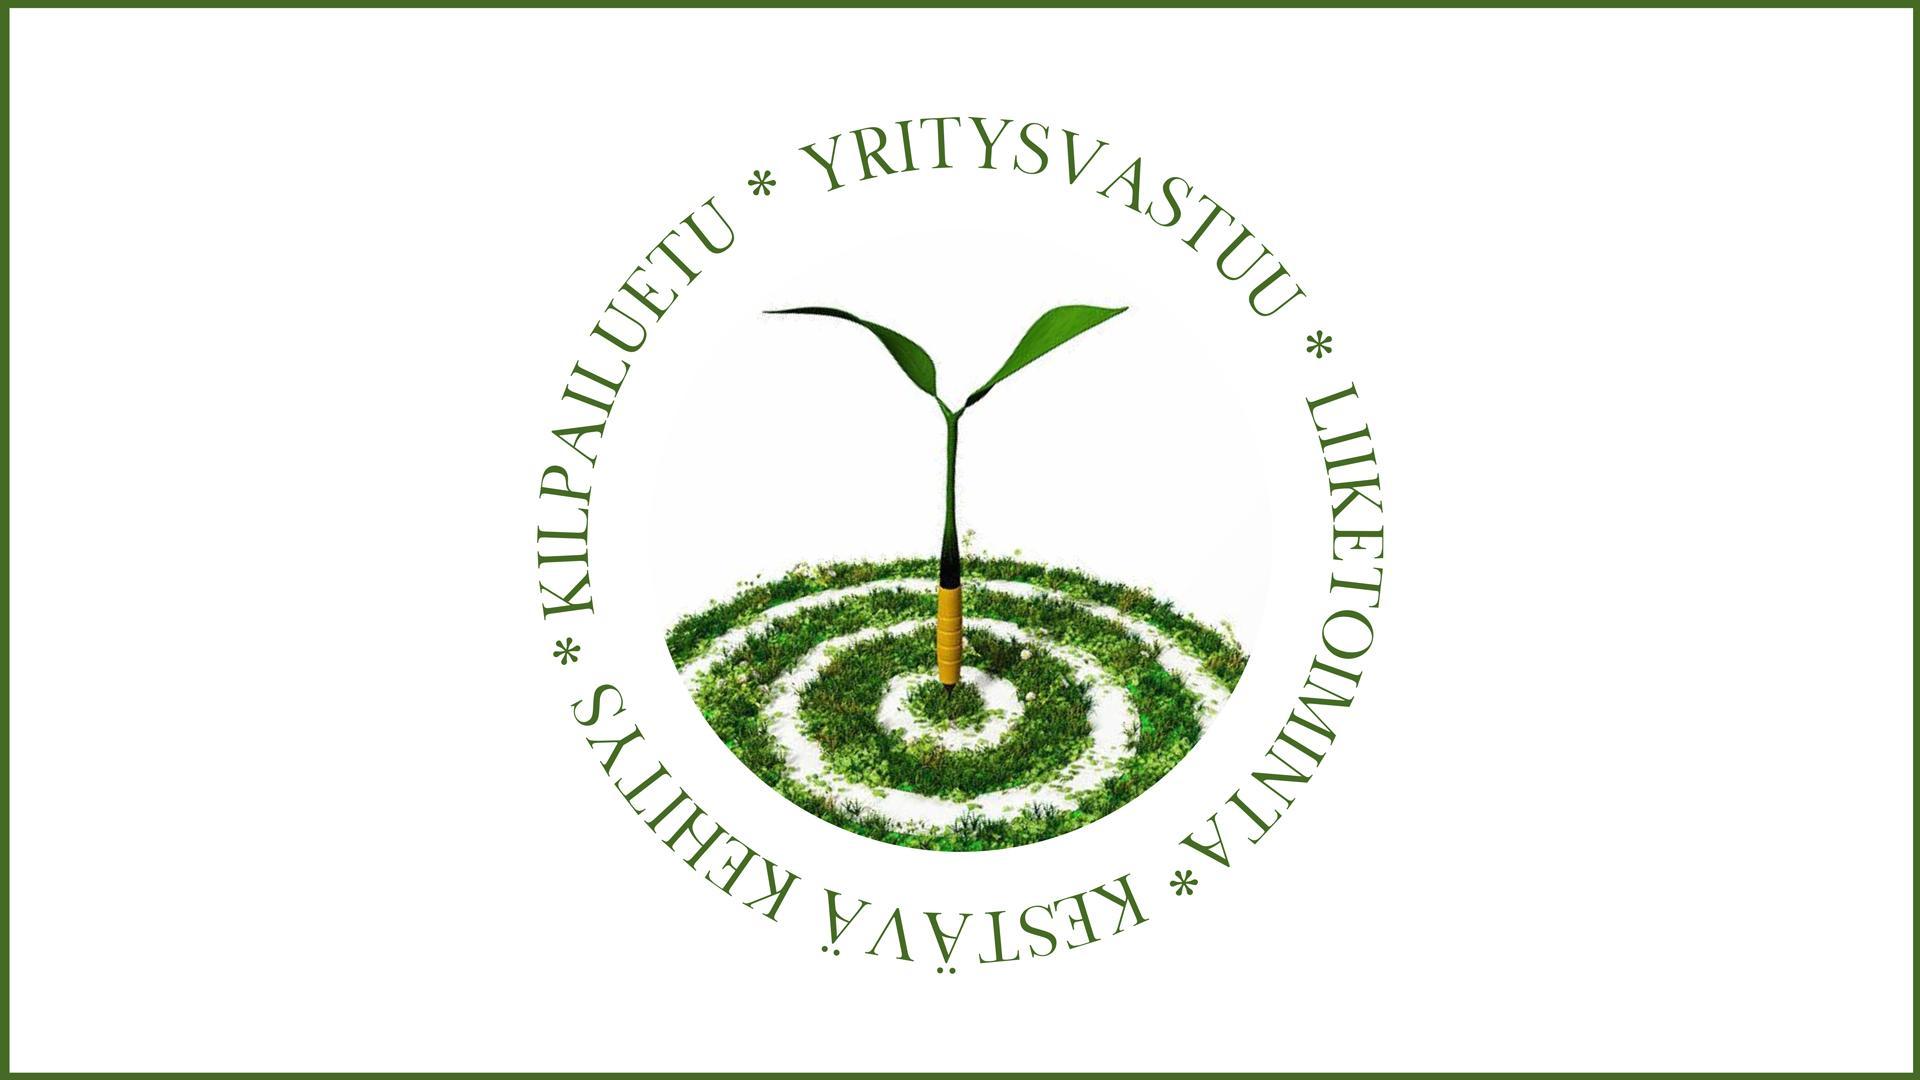 Vihreä verso kasvaa ruohoa kasvavasta tikkataulusta. Ympärillä ringissä tekstit yritysvastuu, liiketoiminta, kestävä kehitys, kilpailuetu.